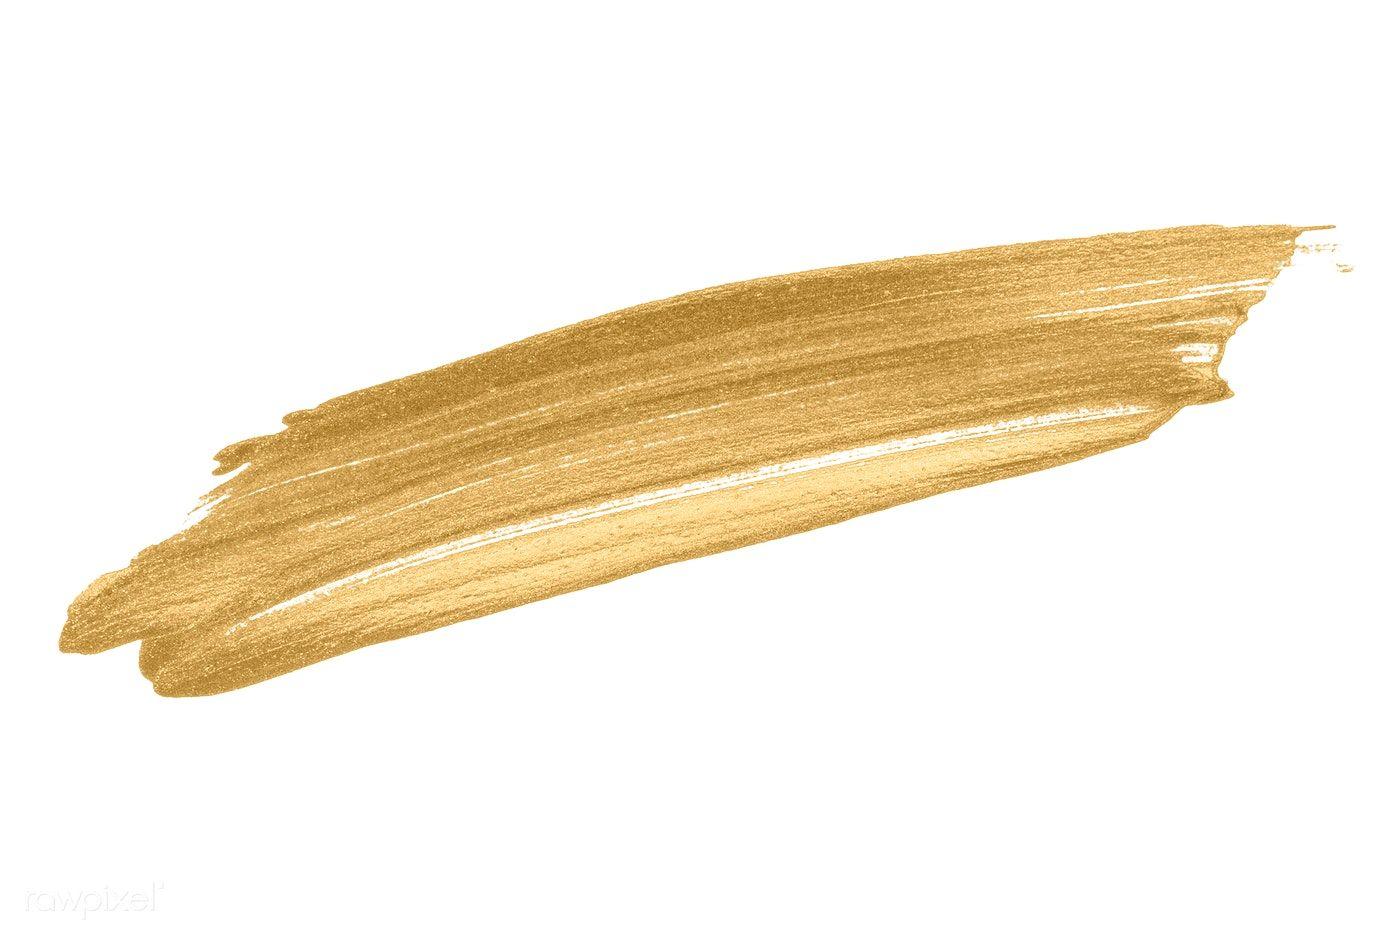 Festive Shimmery Golden Brush Stroke Free Image By Rawpixel Com Brush Stroke Png Brush Strokes Shimmery